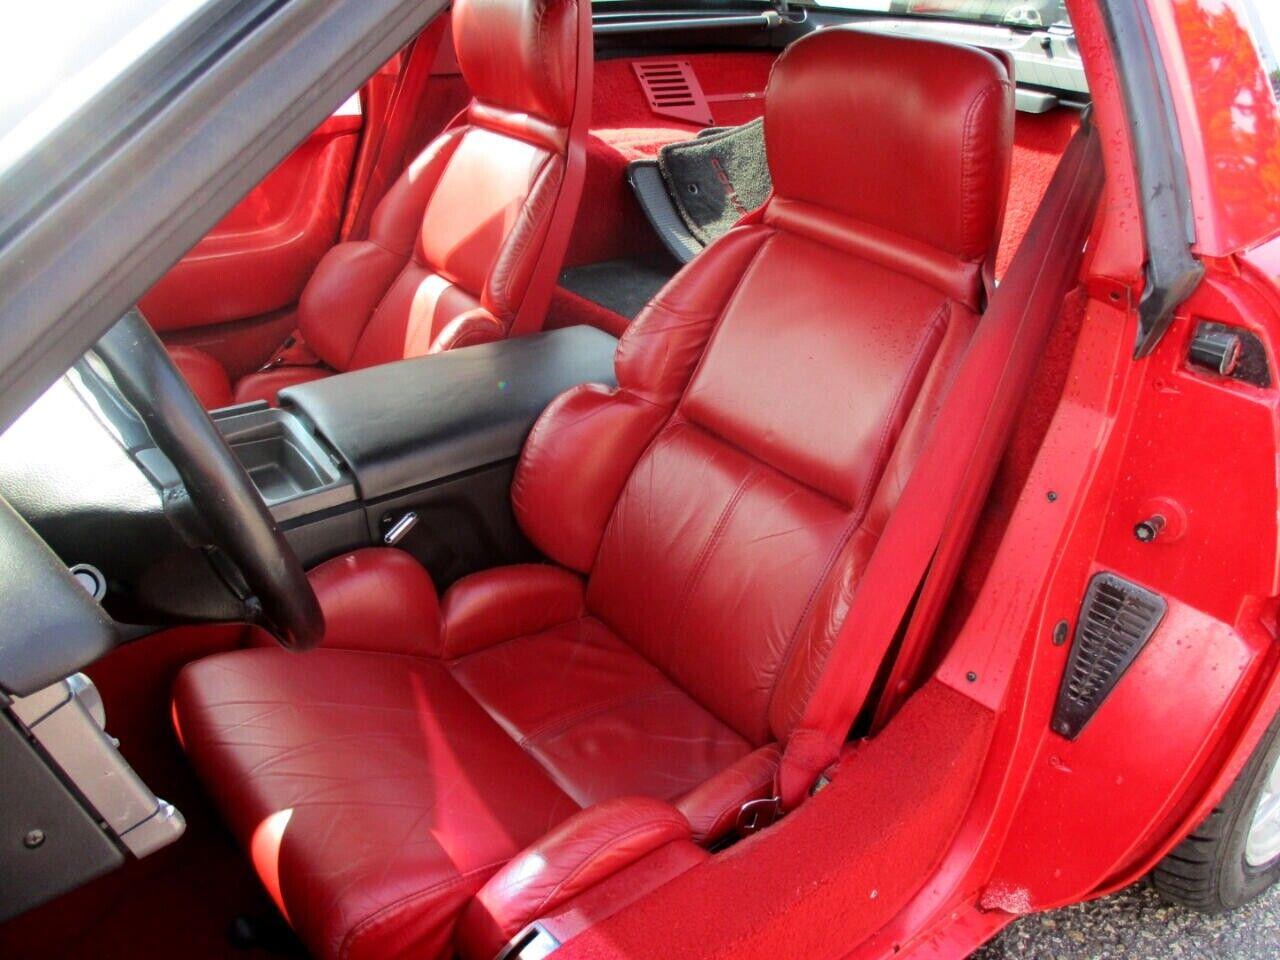 1991 Red Chevrolet Corvette Coupe  | C4 Corvette Photo 10